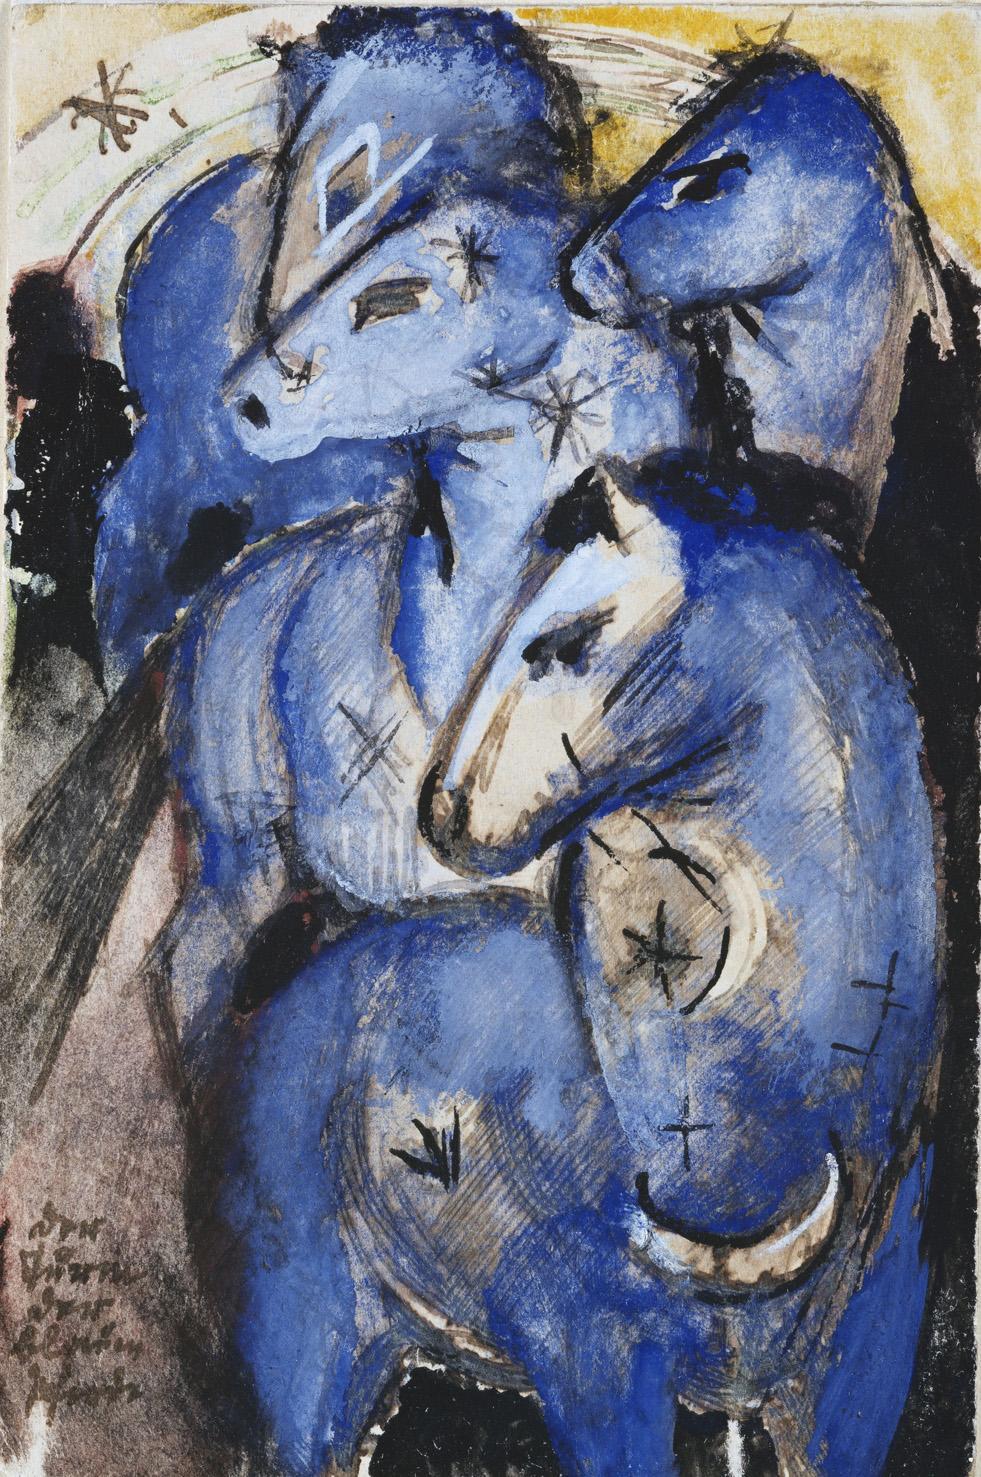 Der Turm der Blauen Pferde in der Pinakothek der Moderne